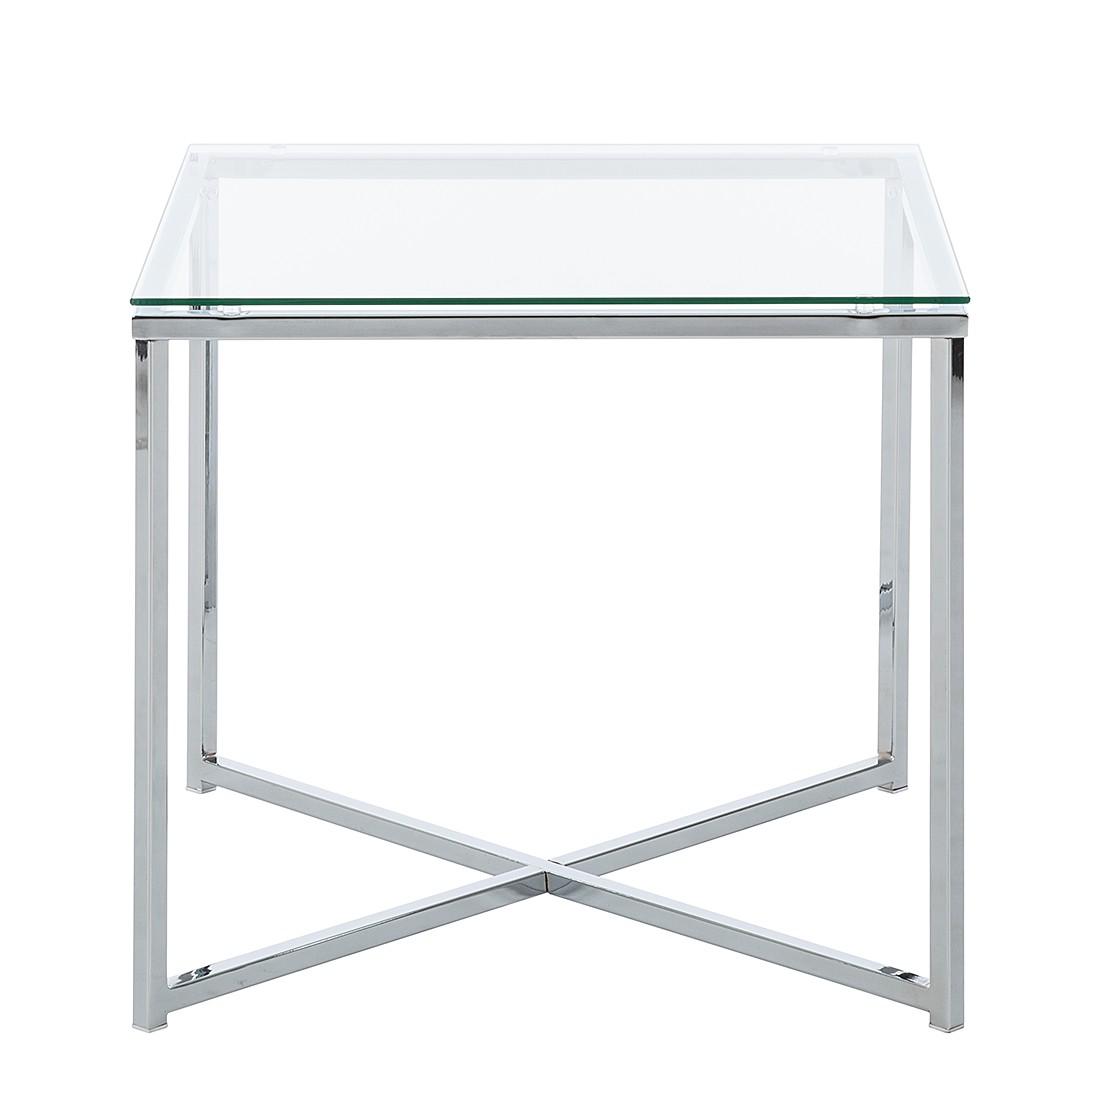 Beistelltisch glas chrom  Beistelltisch Eckig Edelstahl